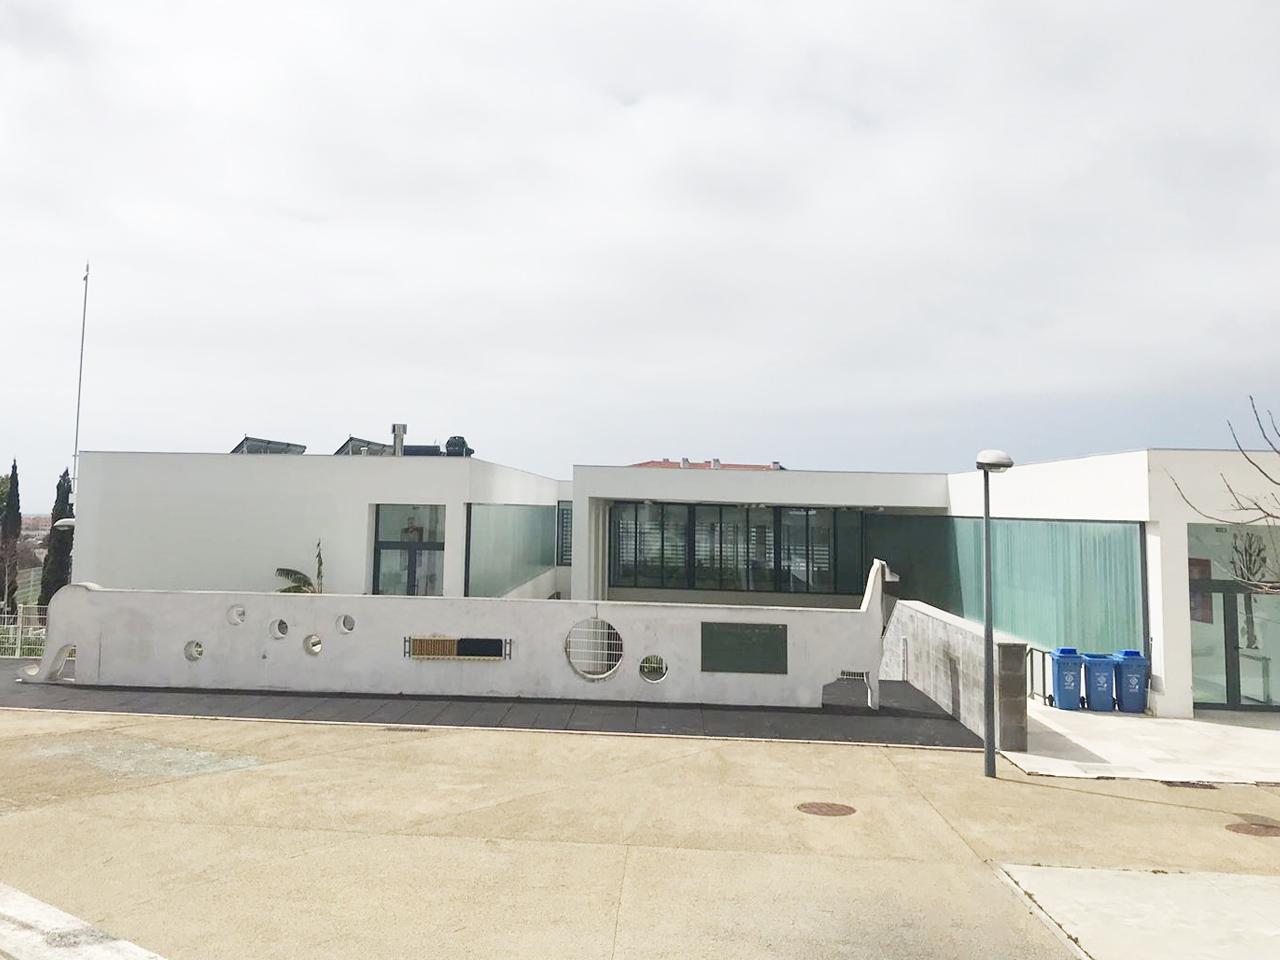 Écoles de la municipalité de Cascais protégées par le paratonnerre DAT CONTROLER® REMOTE